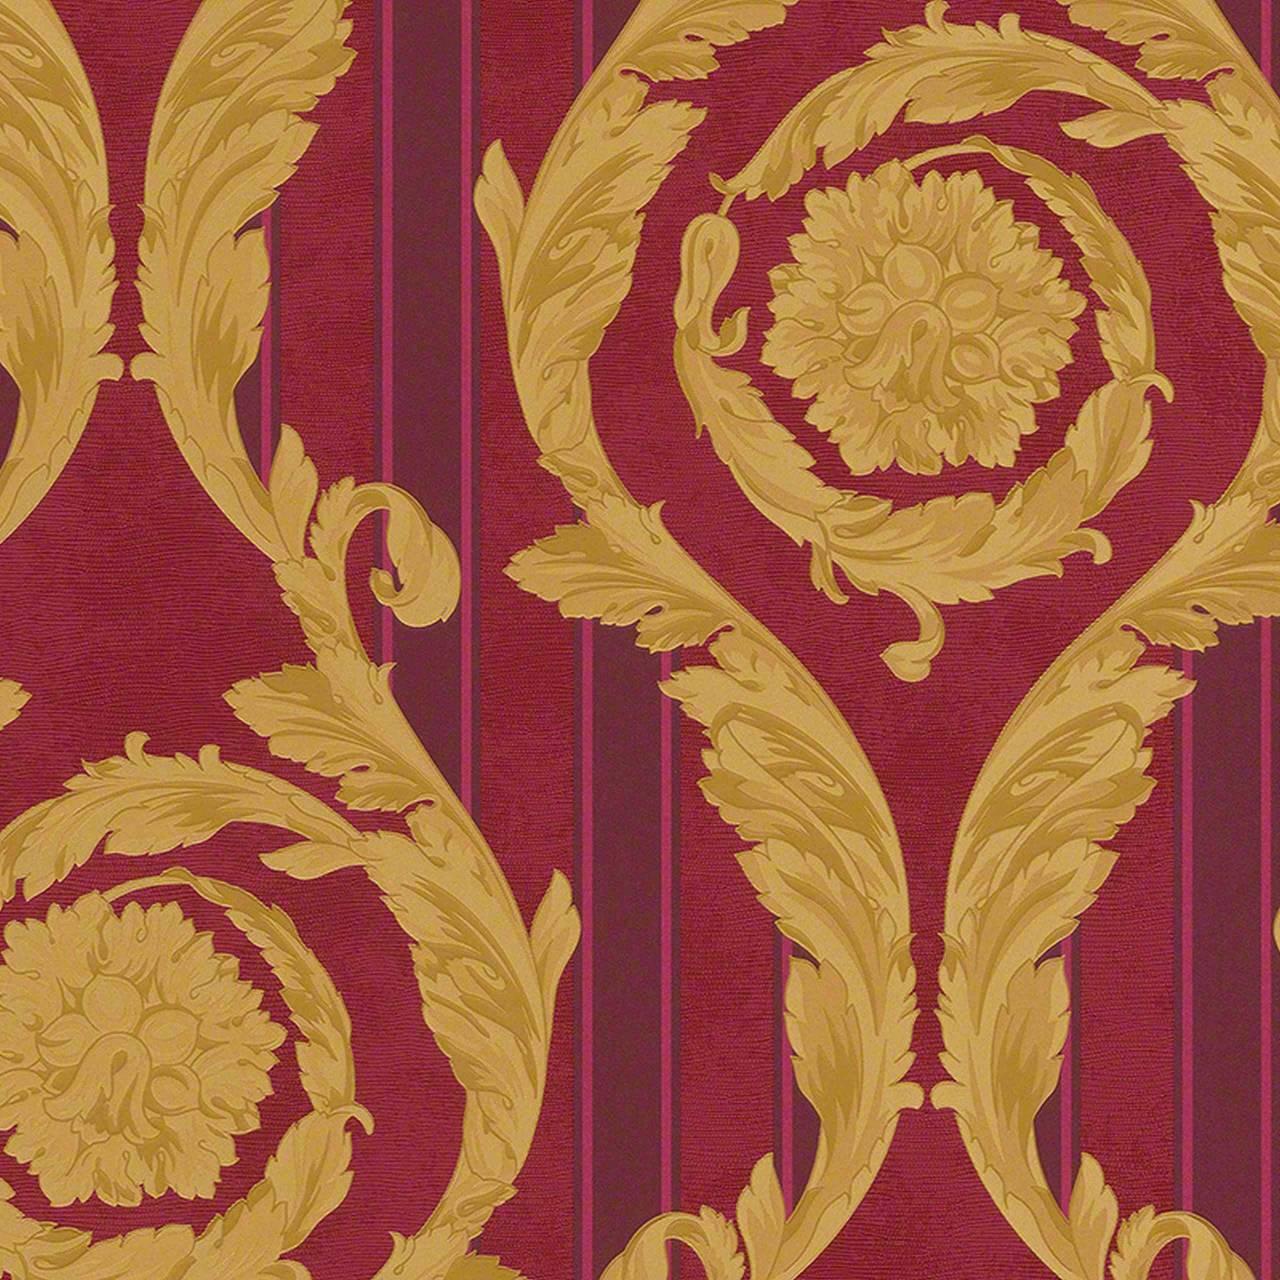 Gestreifte Mustertapete mit goldenen Arabesken